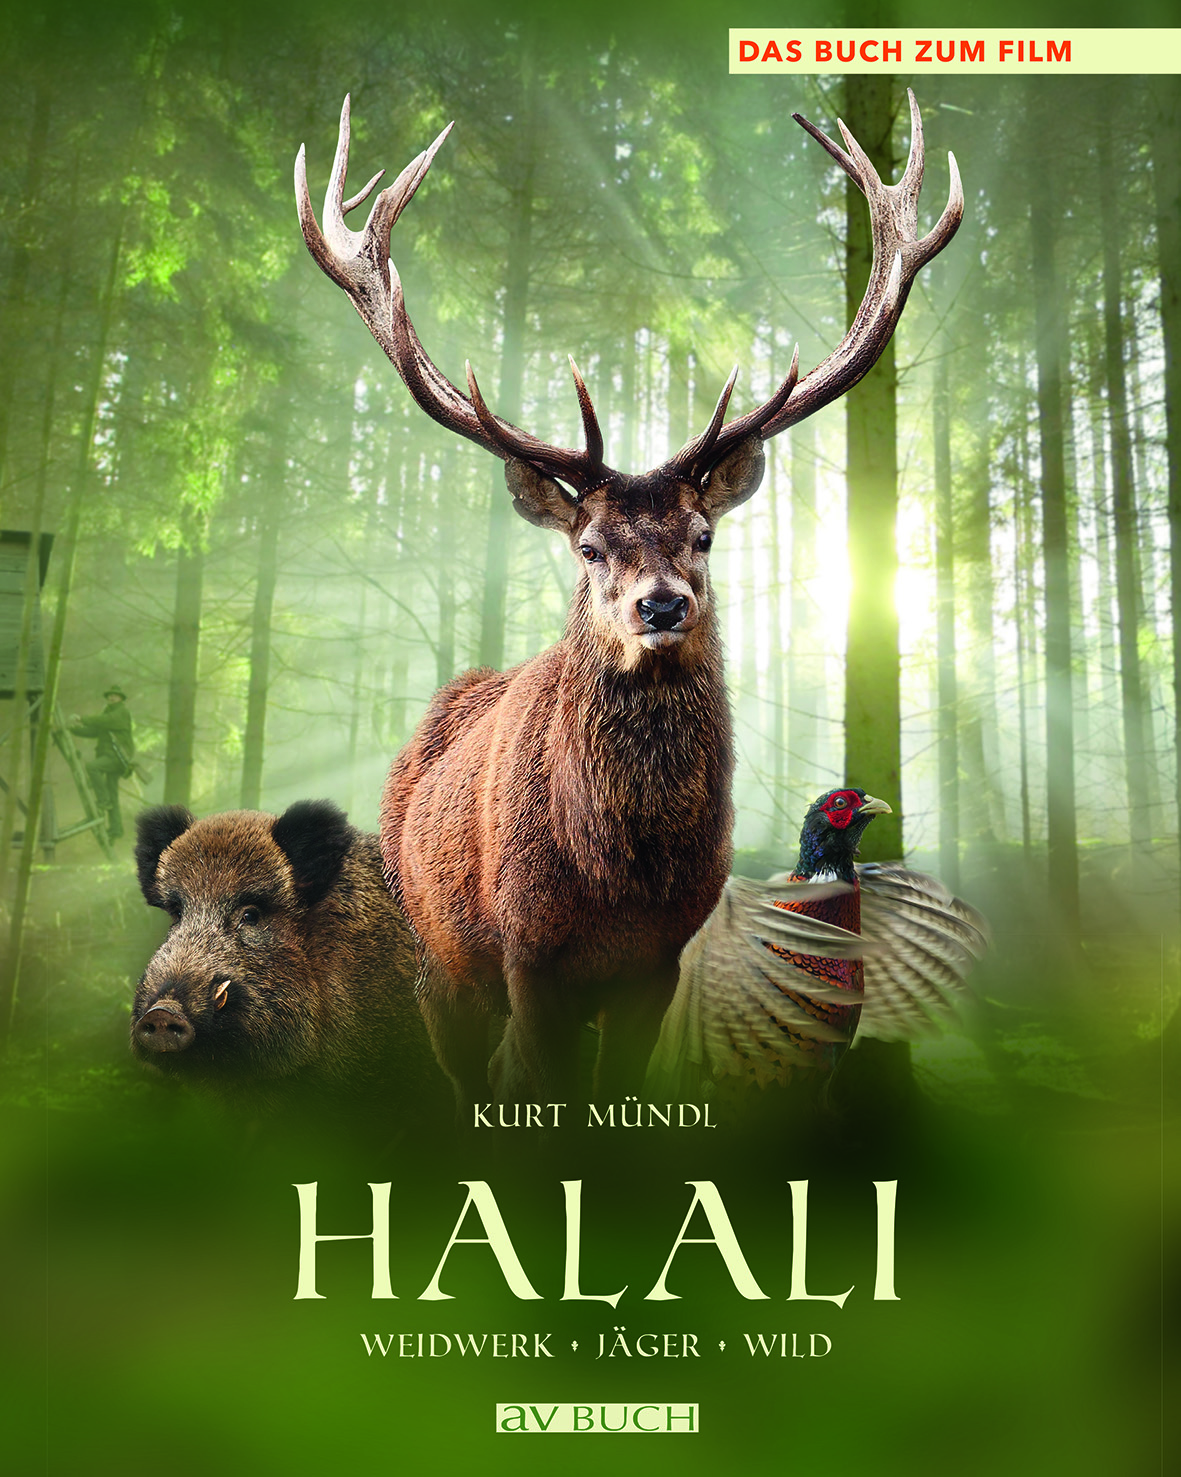 halali weidwerk j ger wild das buch zum film. Black Bedroom Furniture Sets. Home Design Ideas